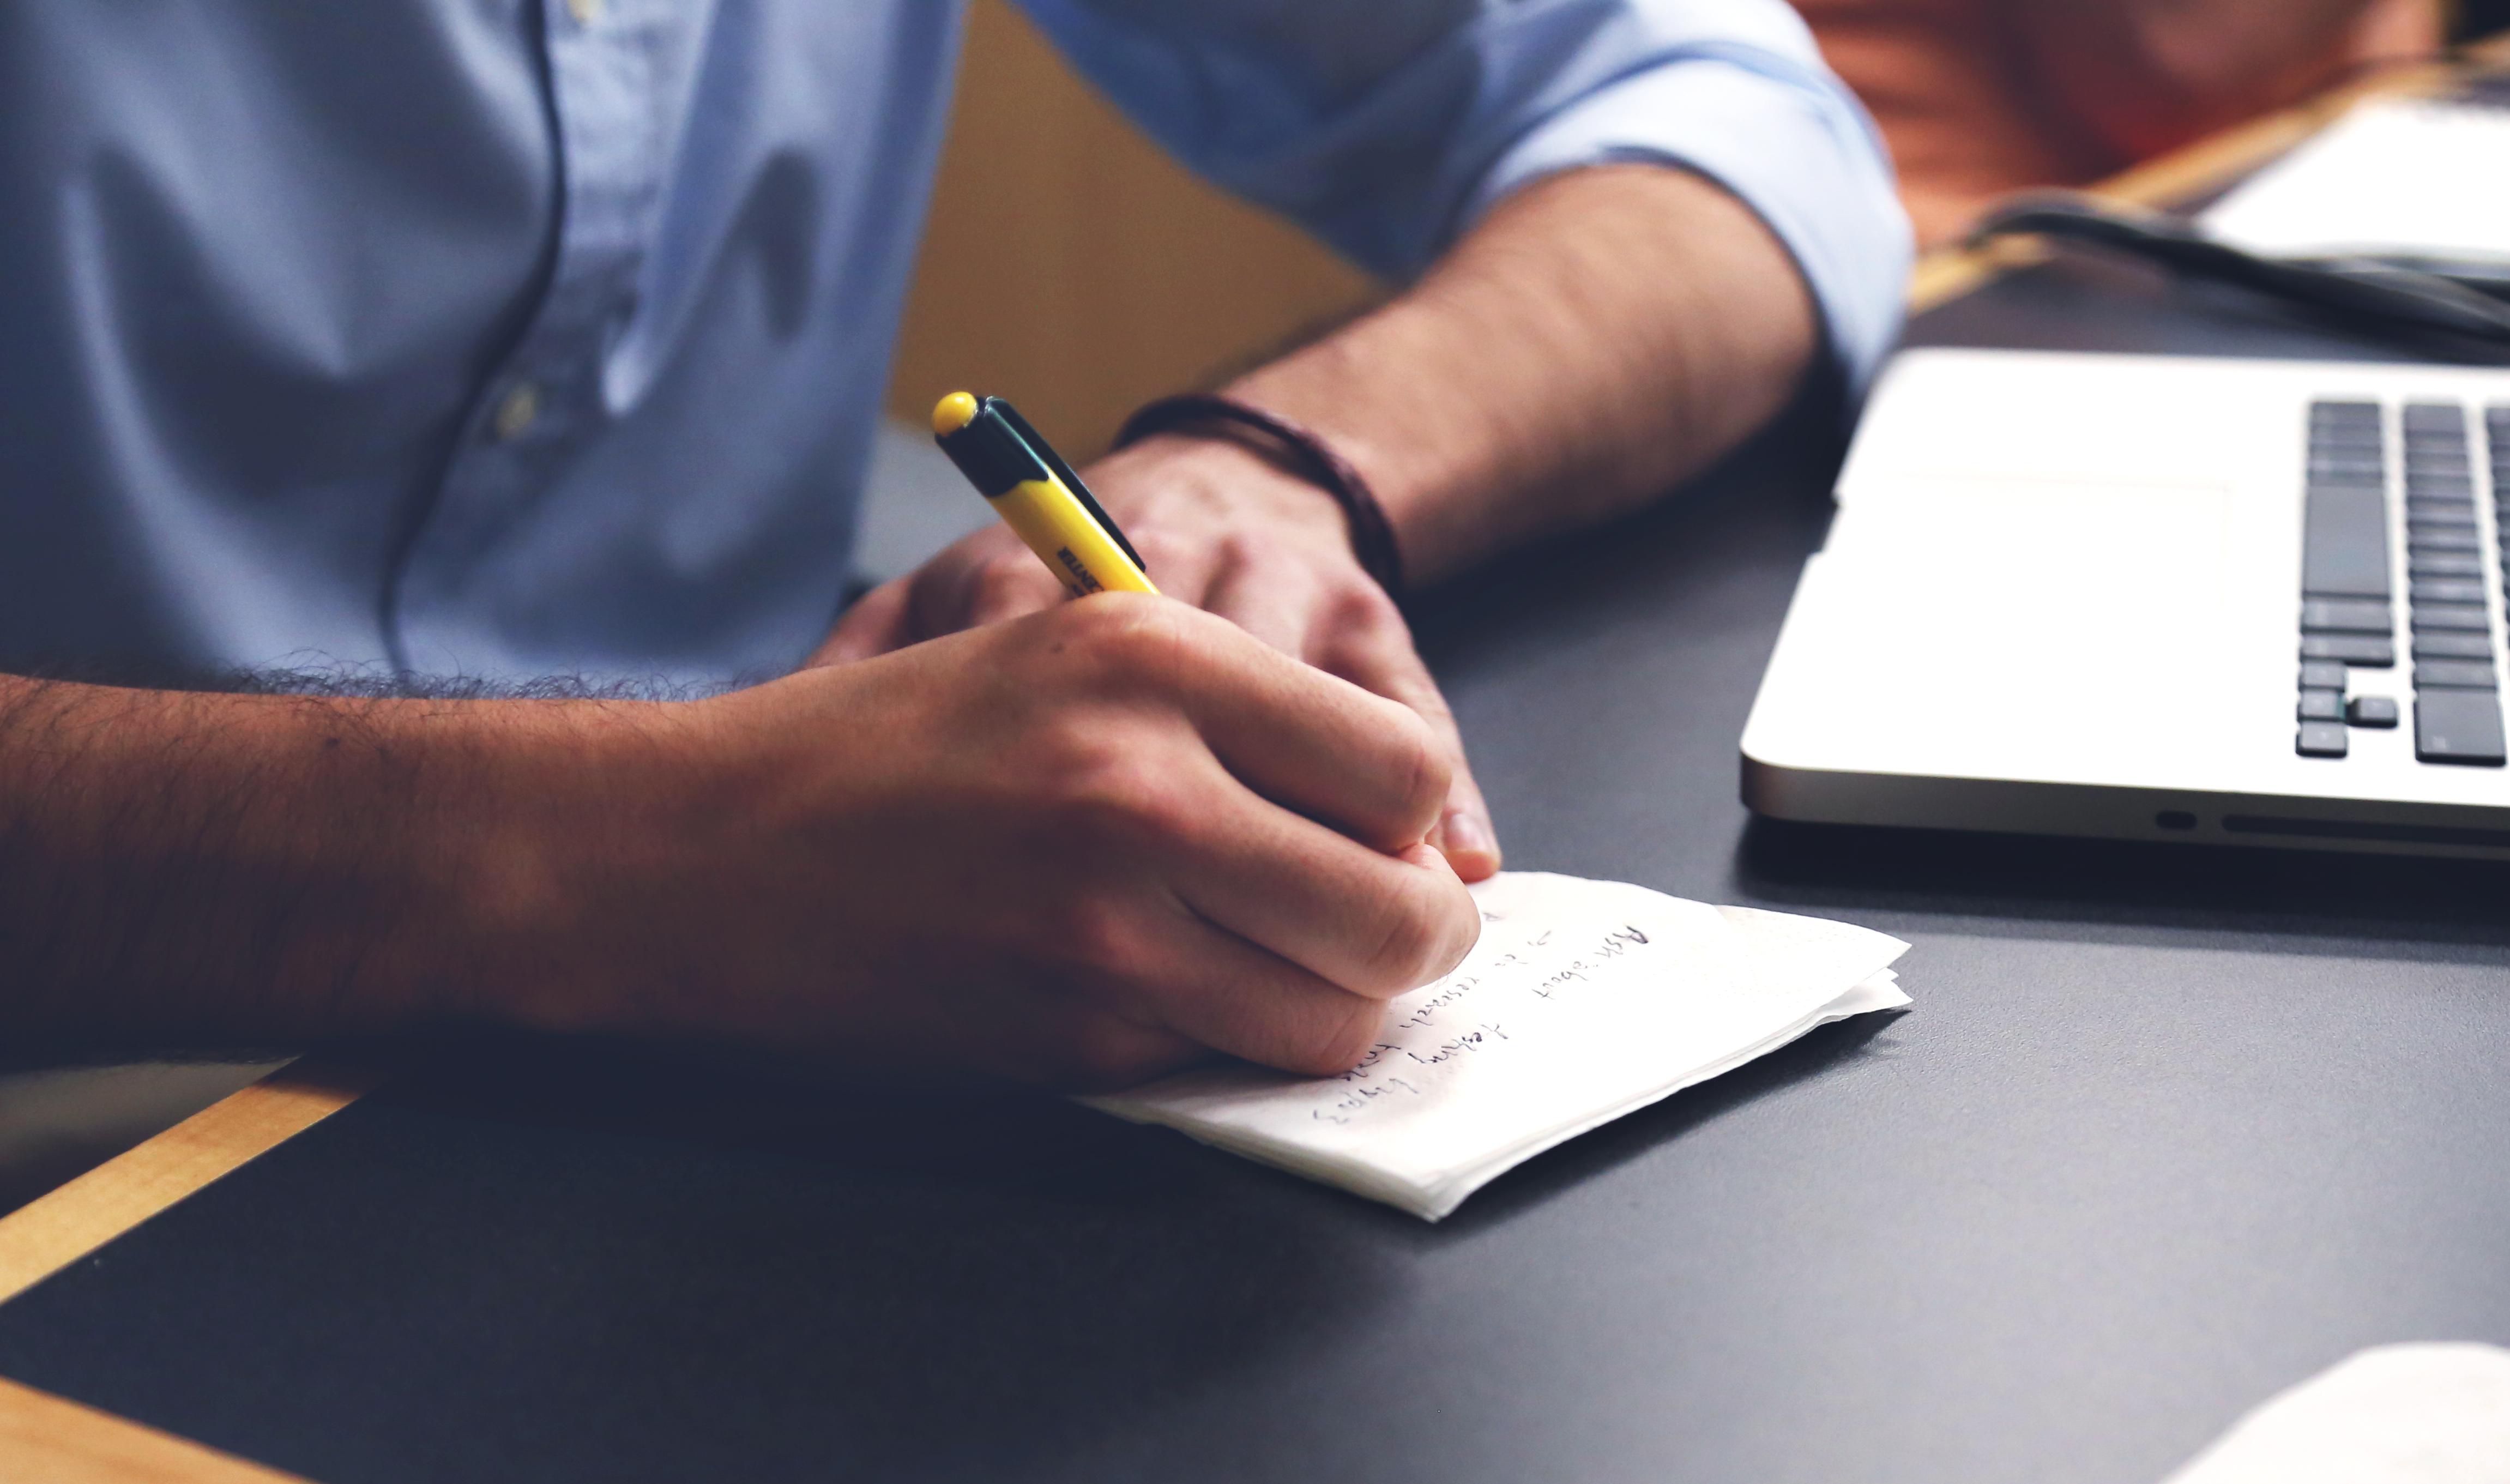 entrevista, selección laboral, escribiendo, notas, cuaderno, camiza azul, esfero amarillo, oportunidad laboral, selección laboral